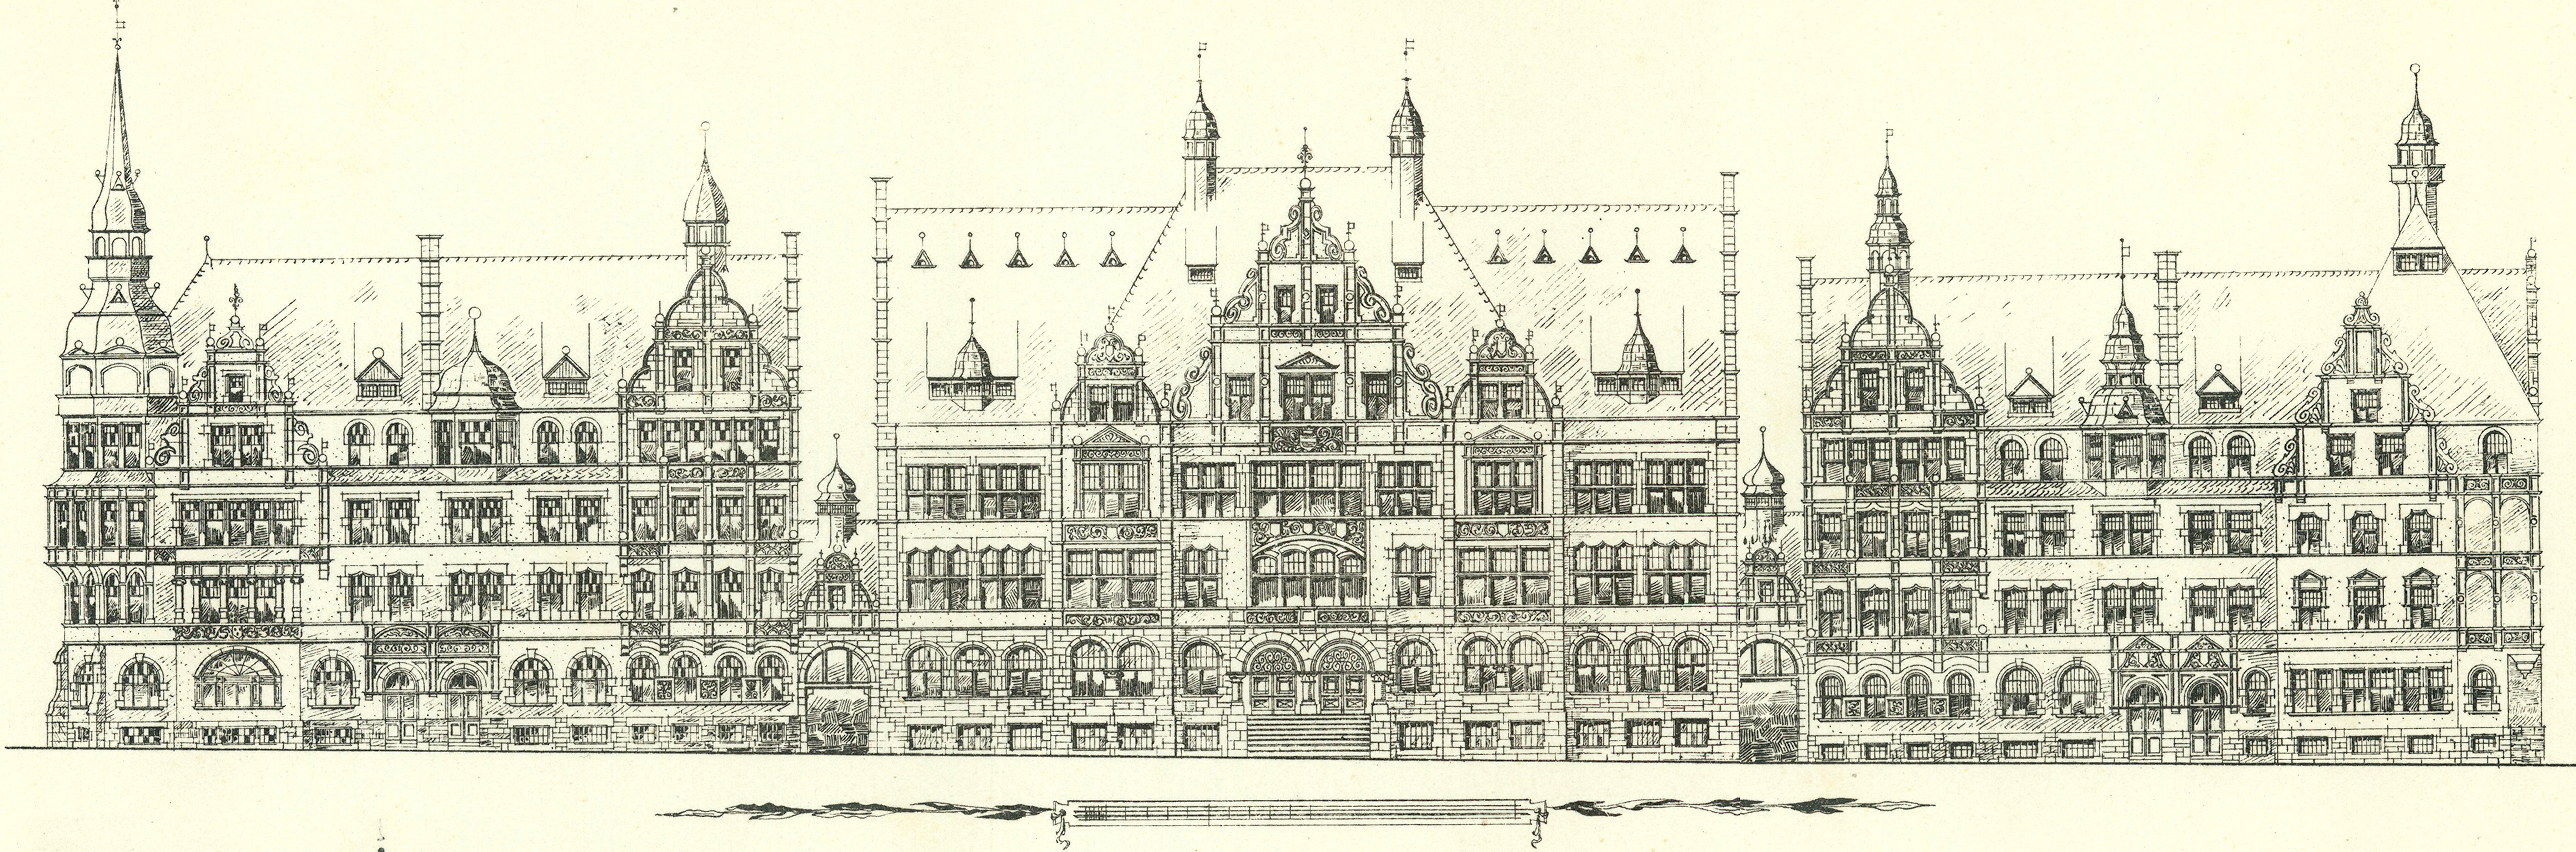 FileBeethovenstrasse Hannover Linden Carl Arend Architekt